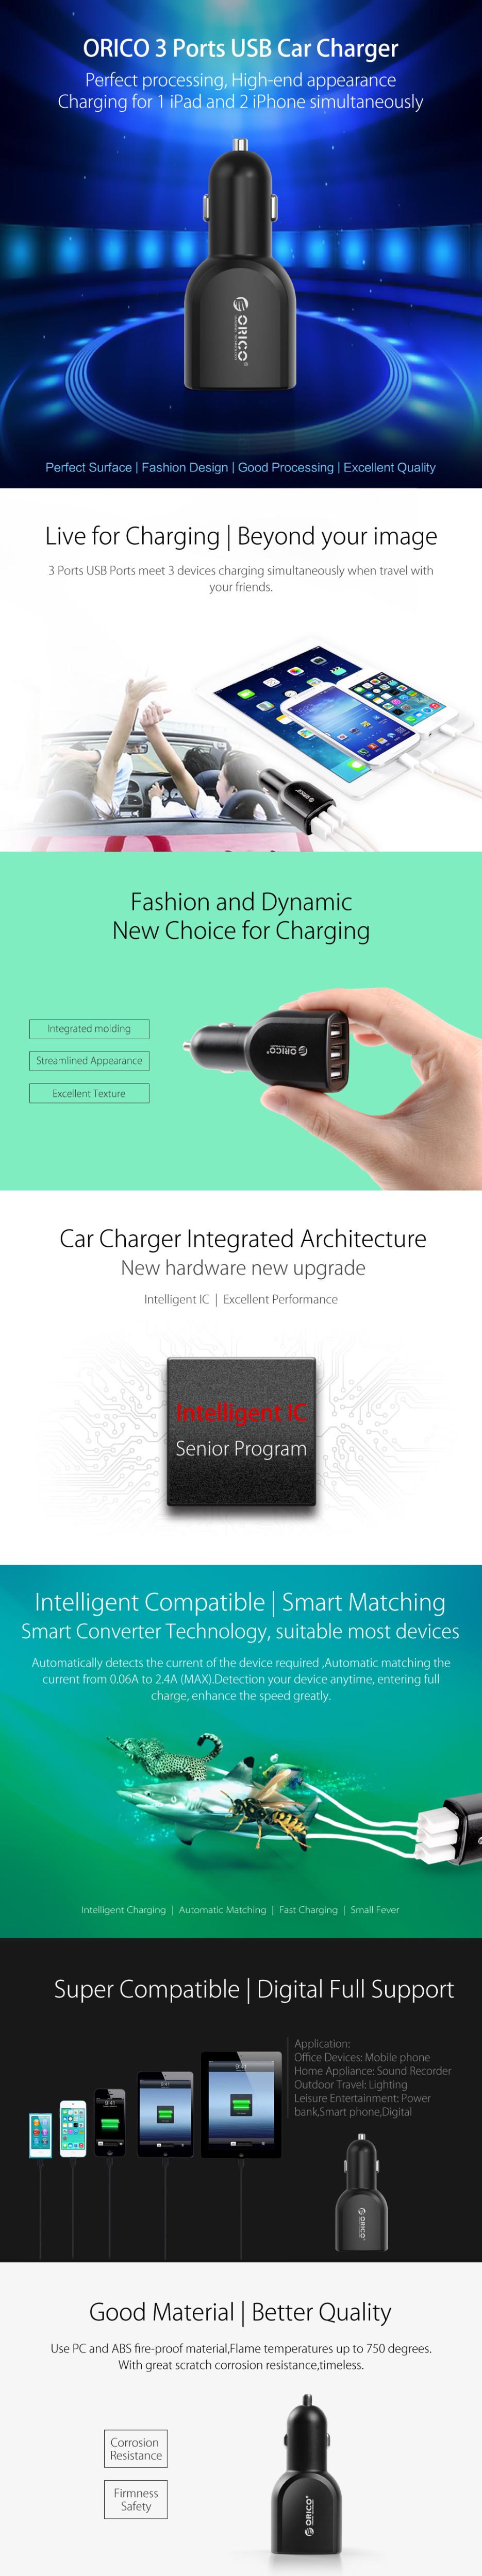 ORICO UCA-3U Mini DC 12V Input Universal 3 Port USB Car Charger For Pad/Phone/MP3/MP4/PSP – Black/White